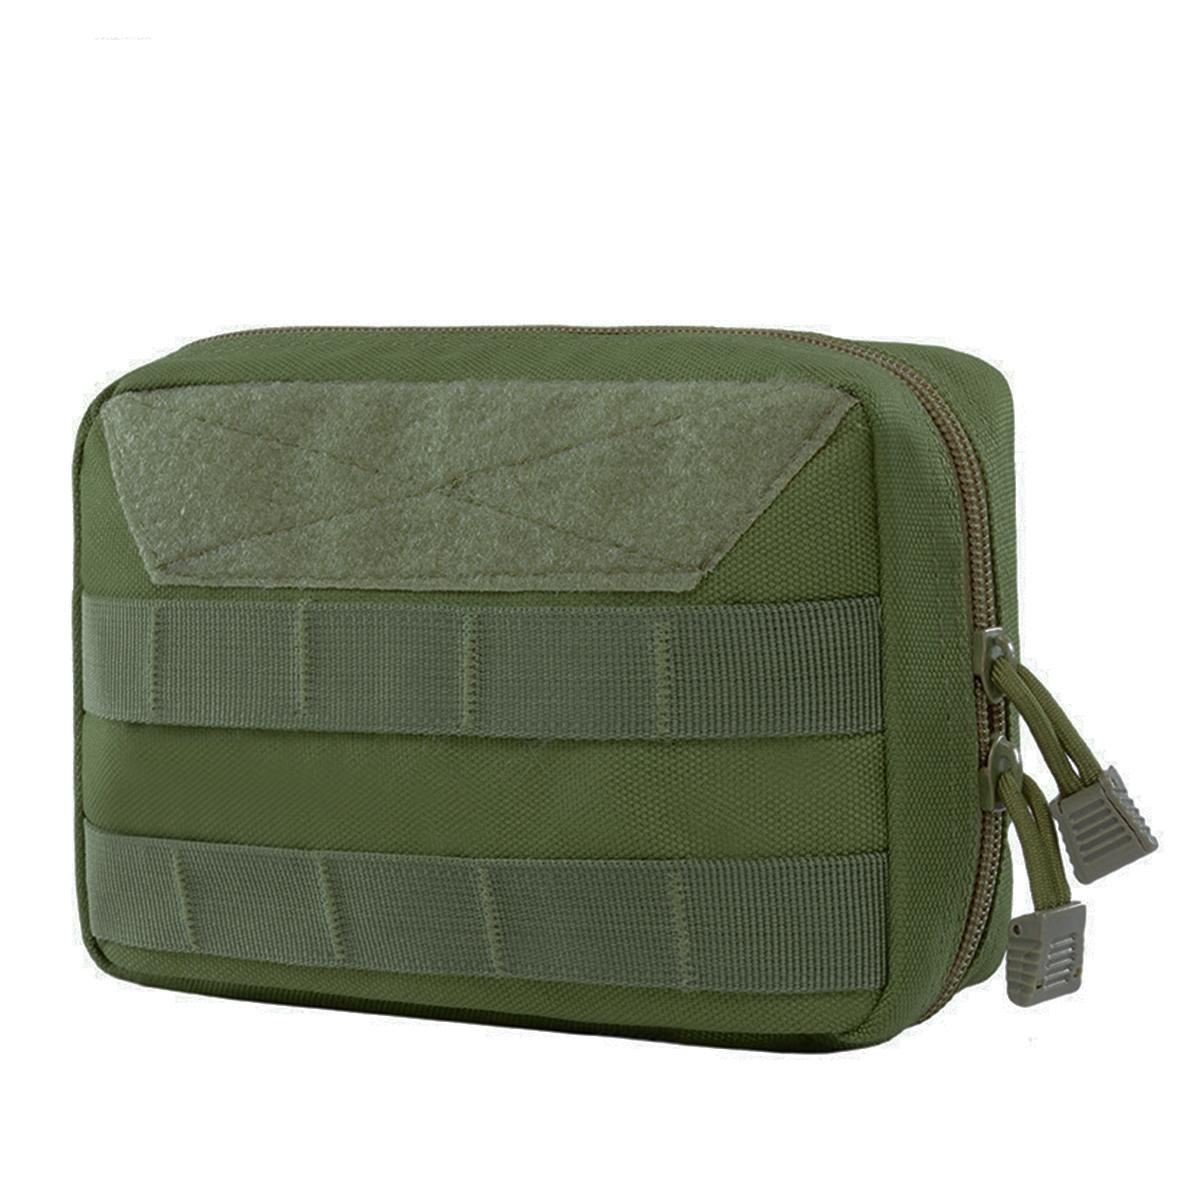 Наружная многофункциональная спортивная сумка MOLLE Fanny Pack Travel First Aid Медицинская Набор Тактическая экипировка Fanny Pack Съемный модуль Pack Талия